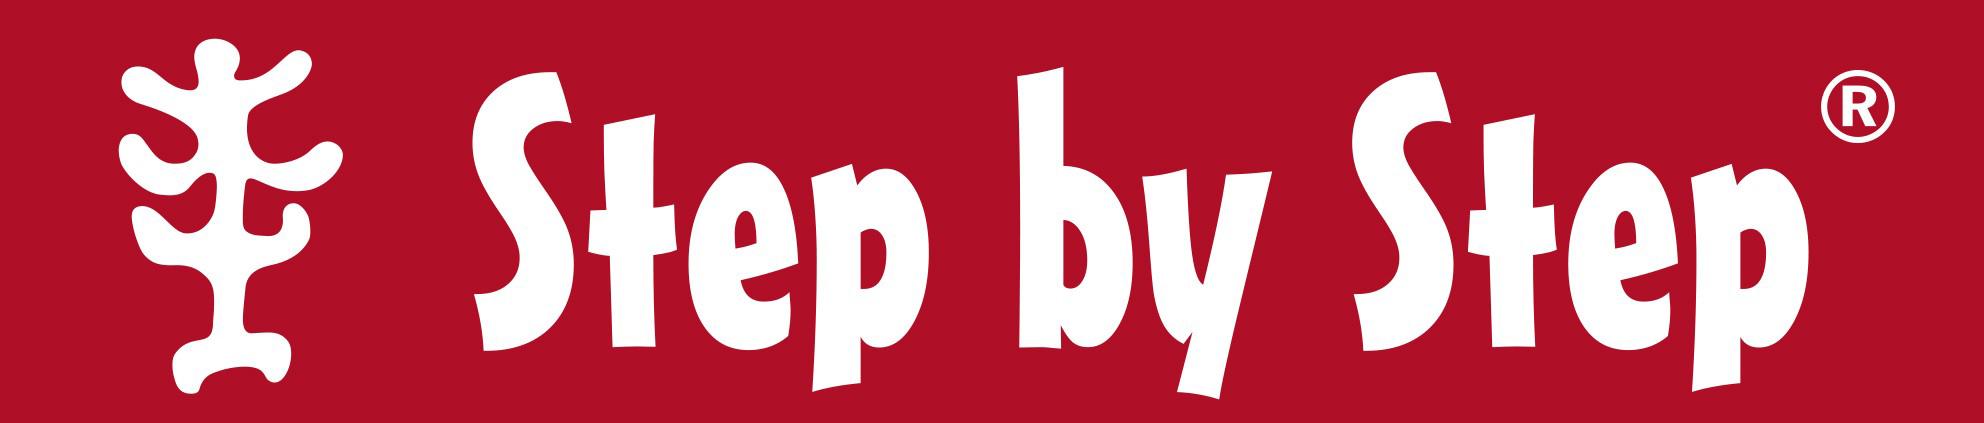 step-by-step-logo